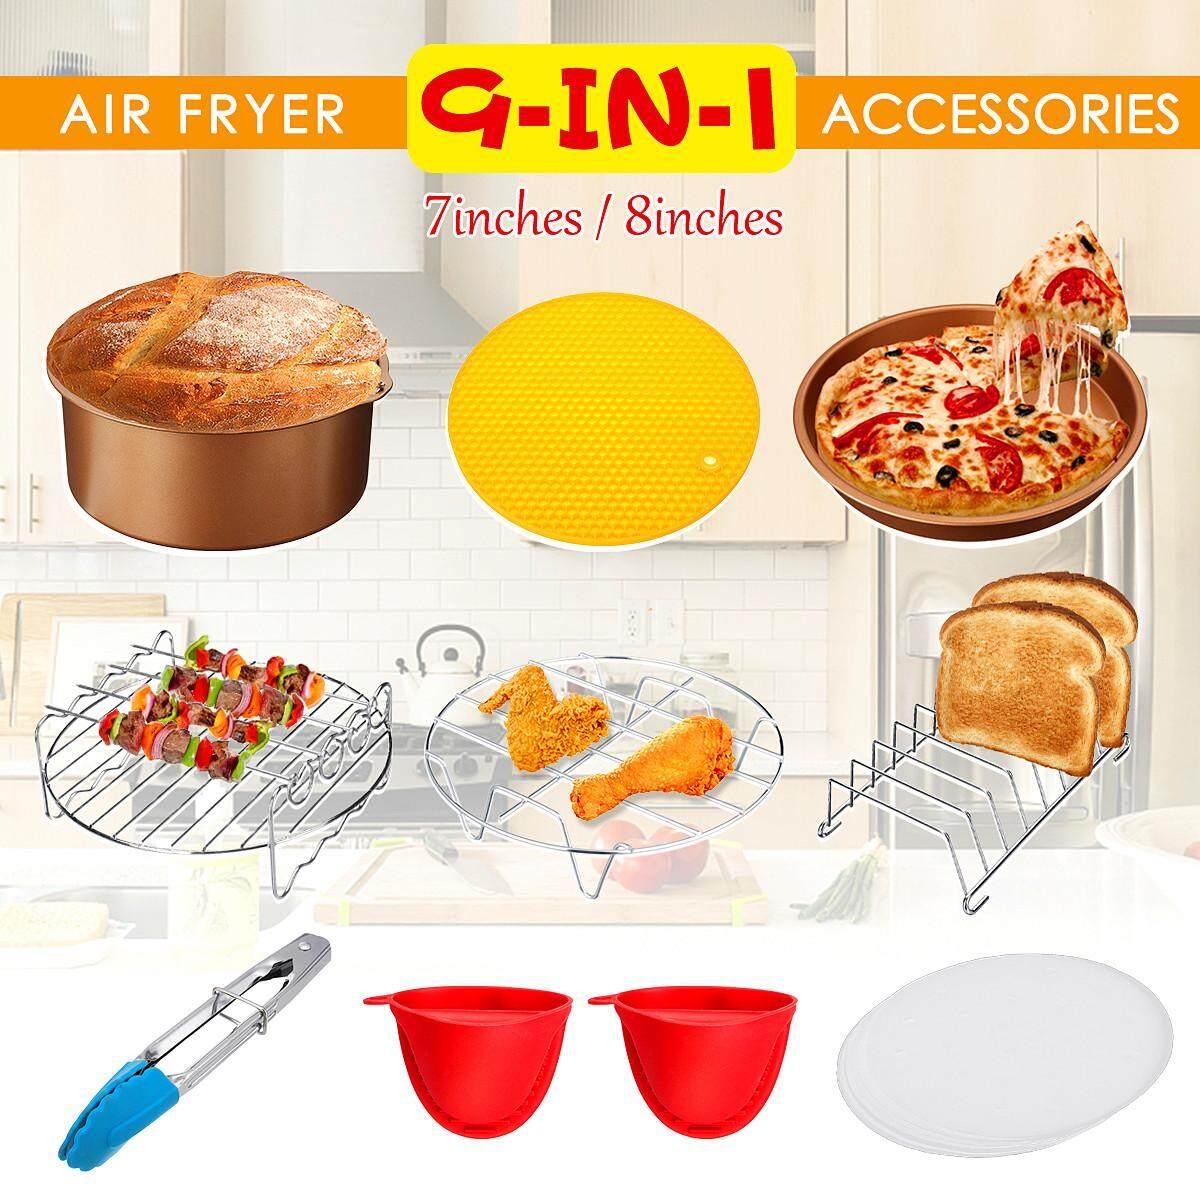 7 inch 9 CHIẾC Nồi Chiên Không Dầu Air Fryer Phụ Kiện Airfryer Chip Nướng bánh Bộ Dành Cho 3.2-6.8QT